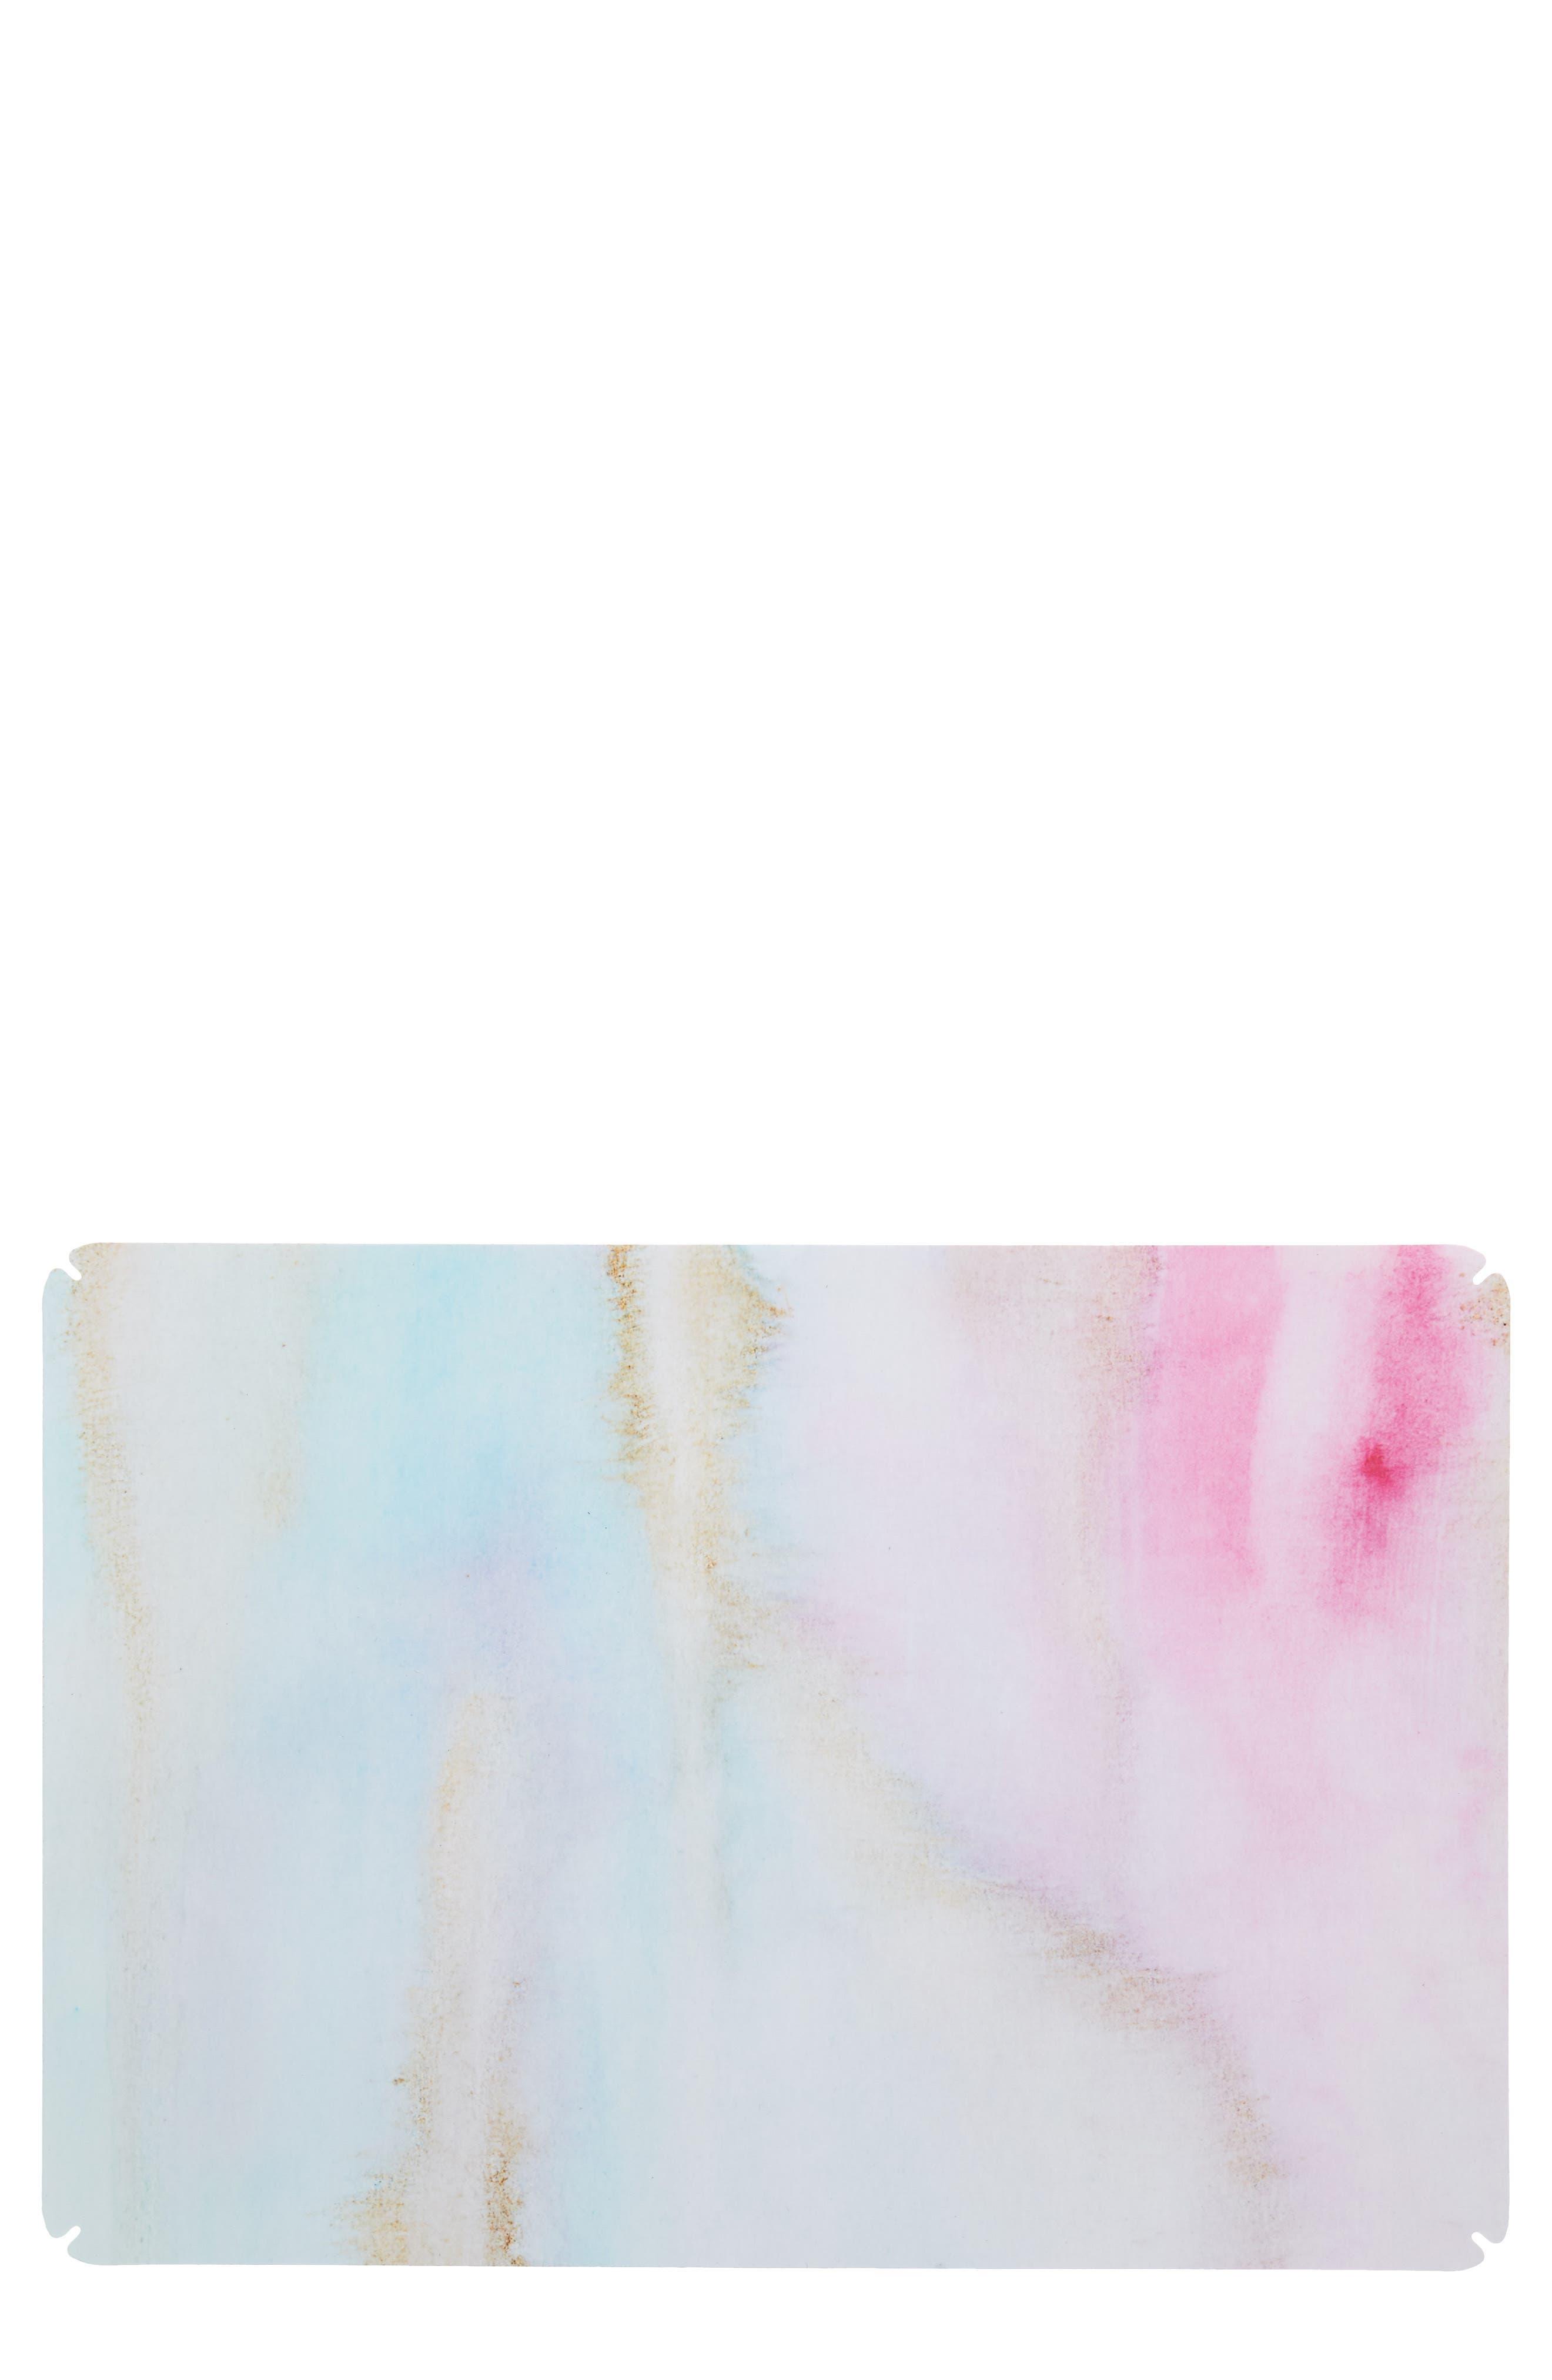 Watercolor Marble 13-Inch Macbook Skin,                             Main thumbnail 1, color,                             PASTEL MULTI